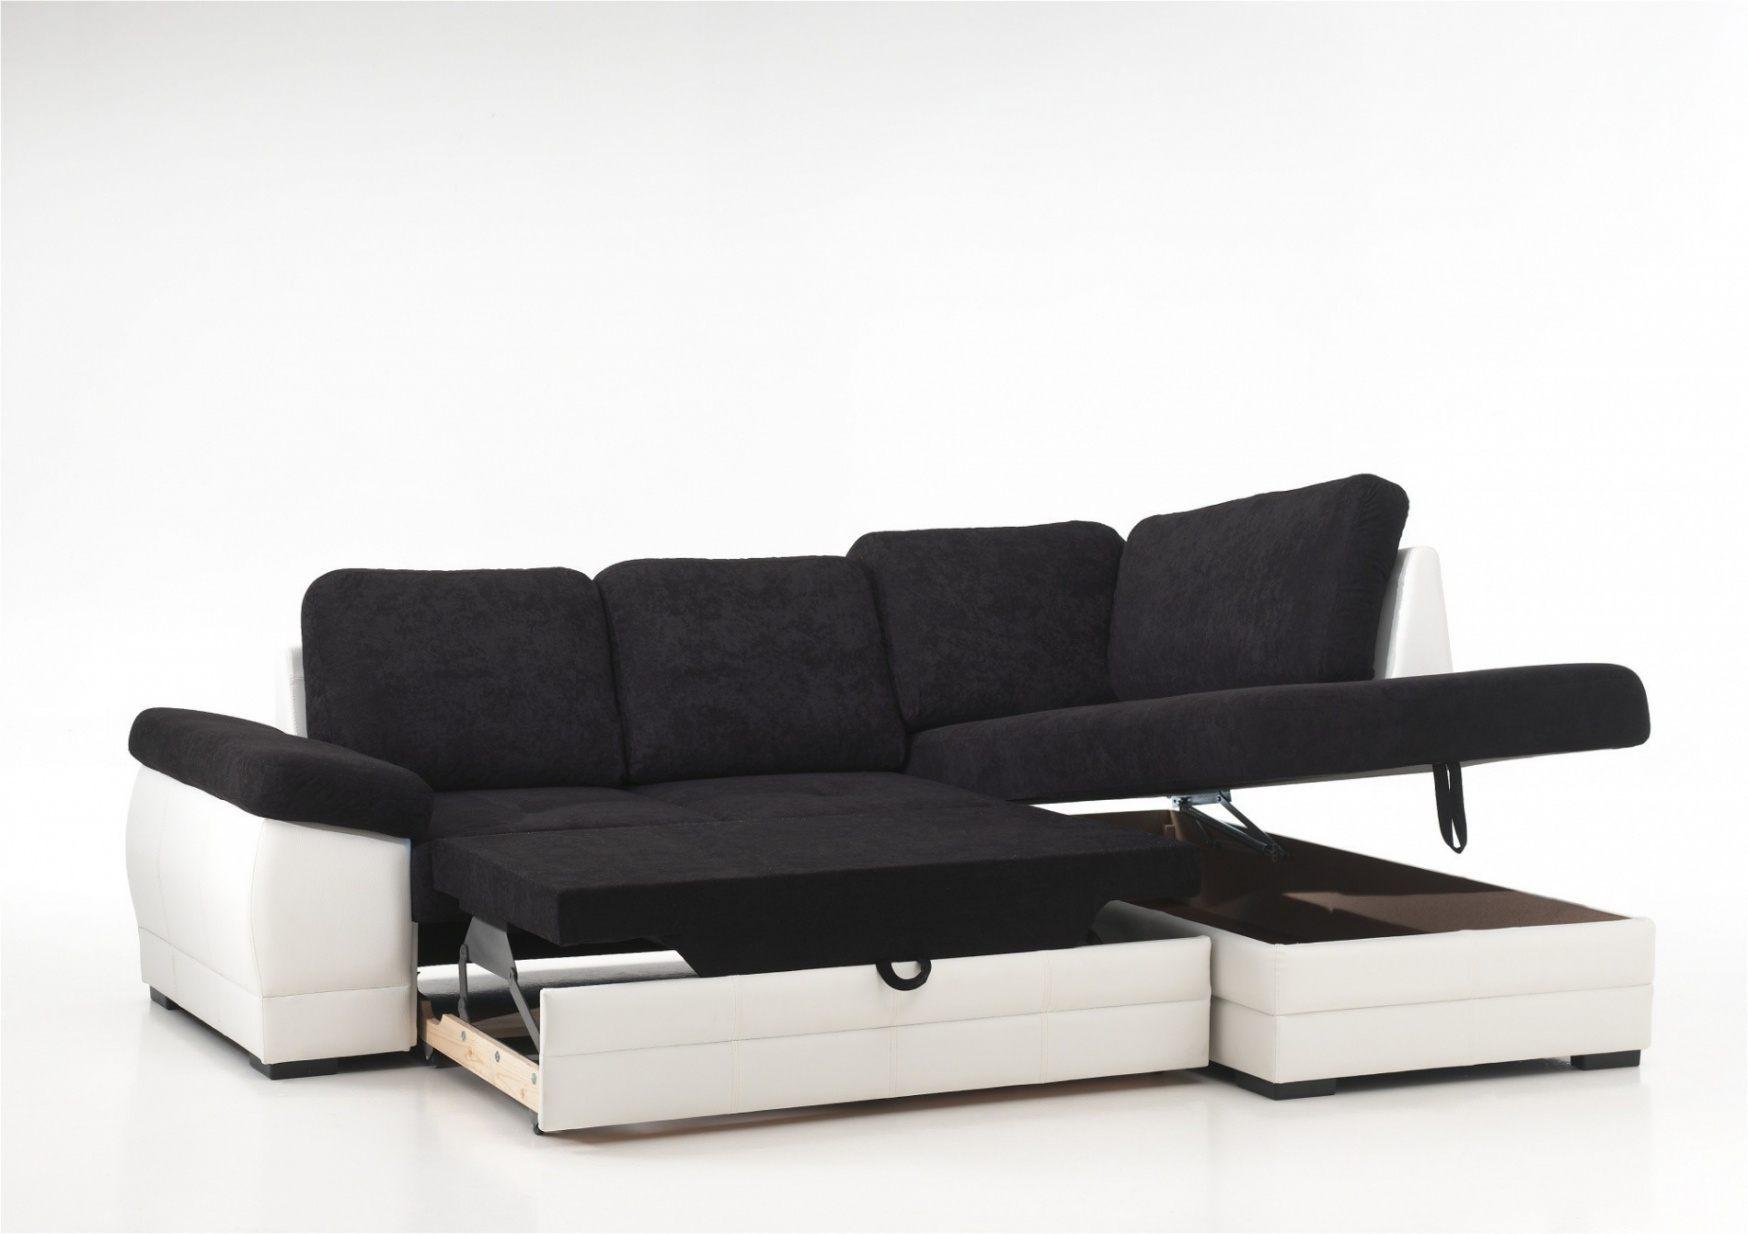 Cdiscount Canapé Lit Inspiré Adorable Discount Canapé Angle Dans Canapé Convertible Tissu